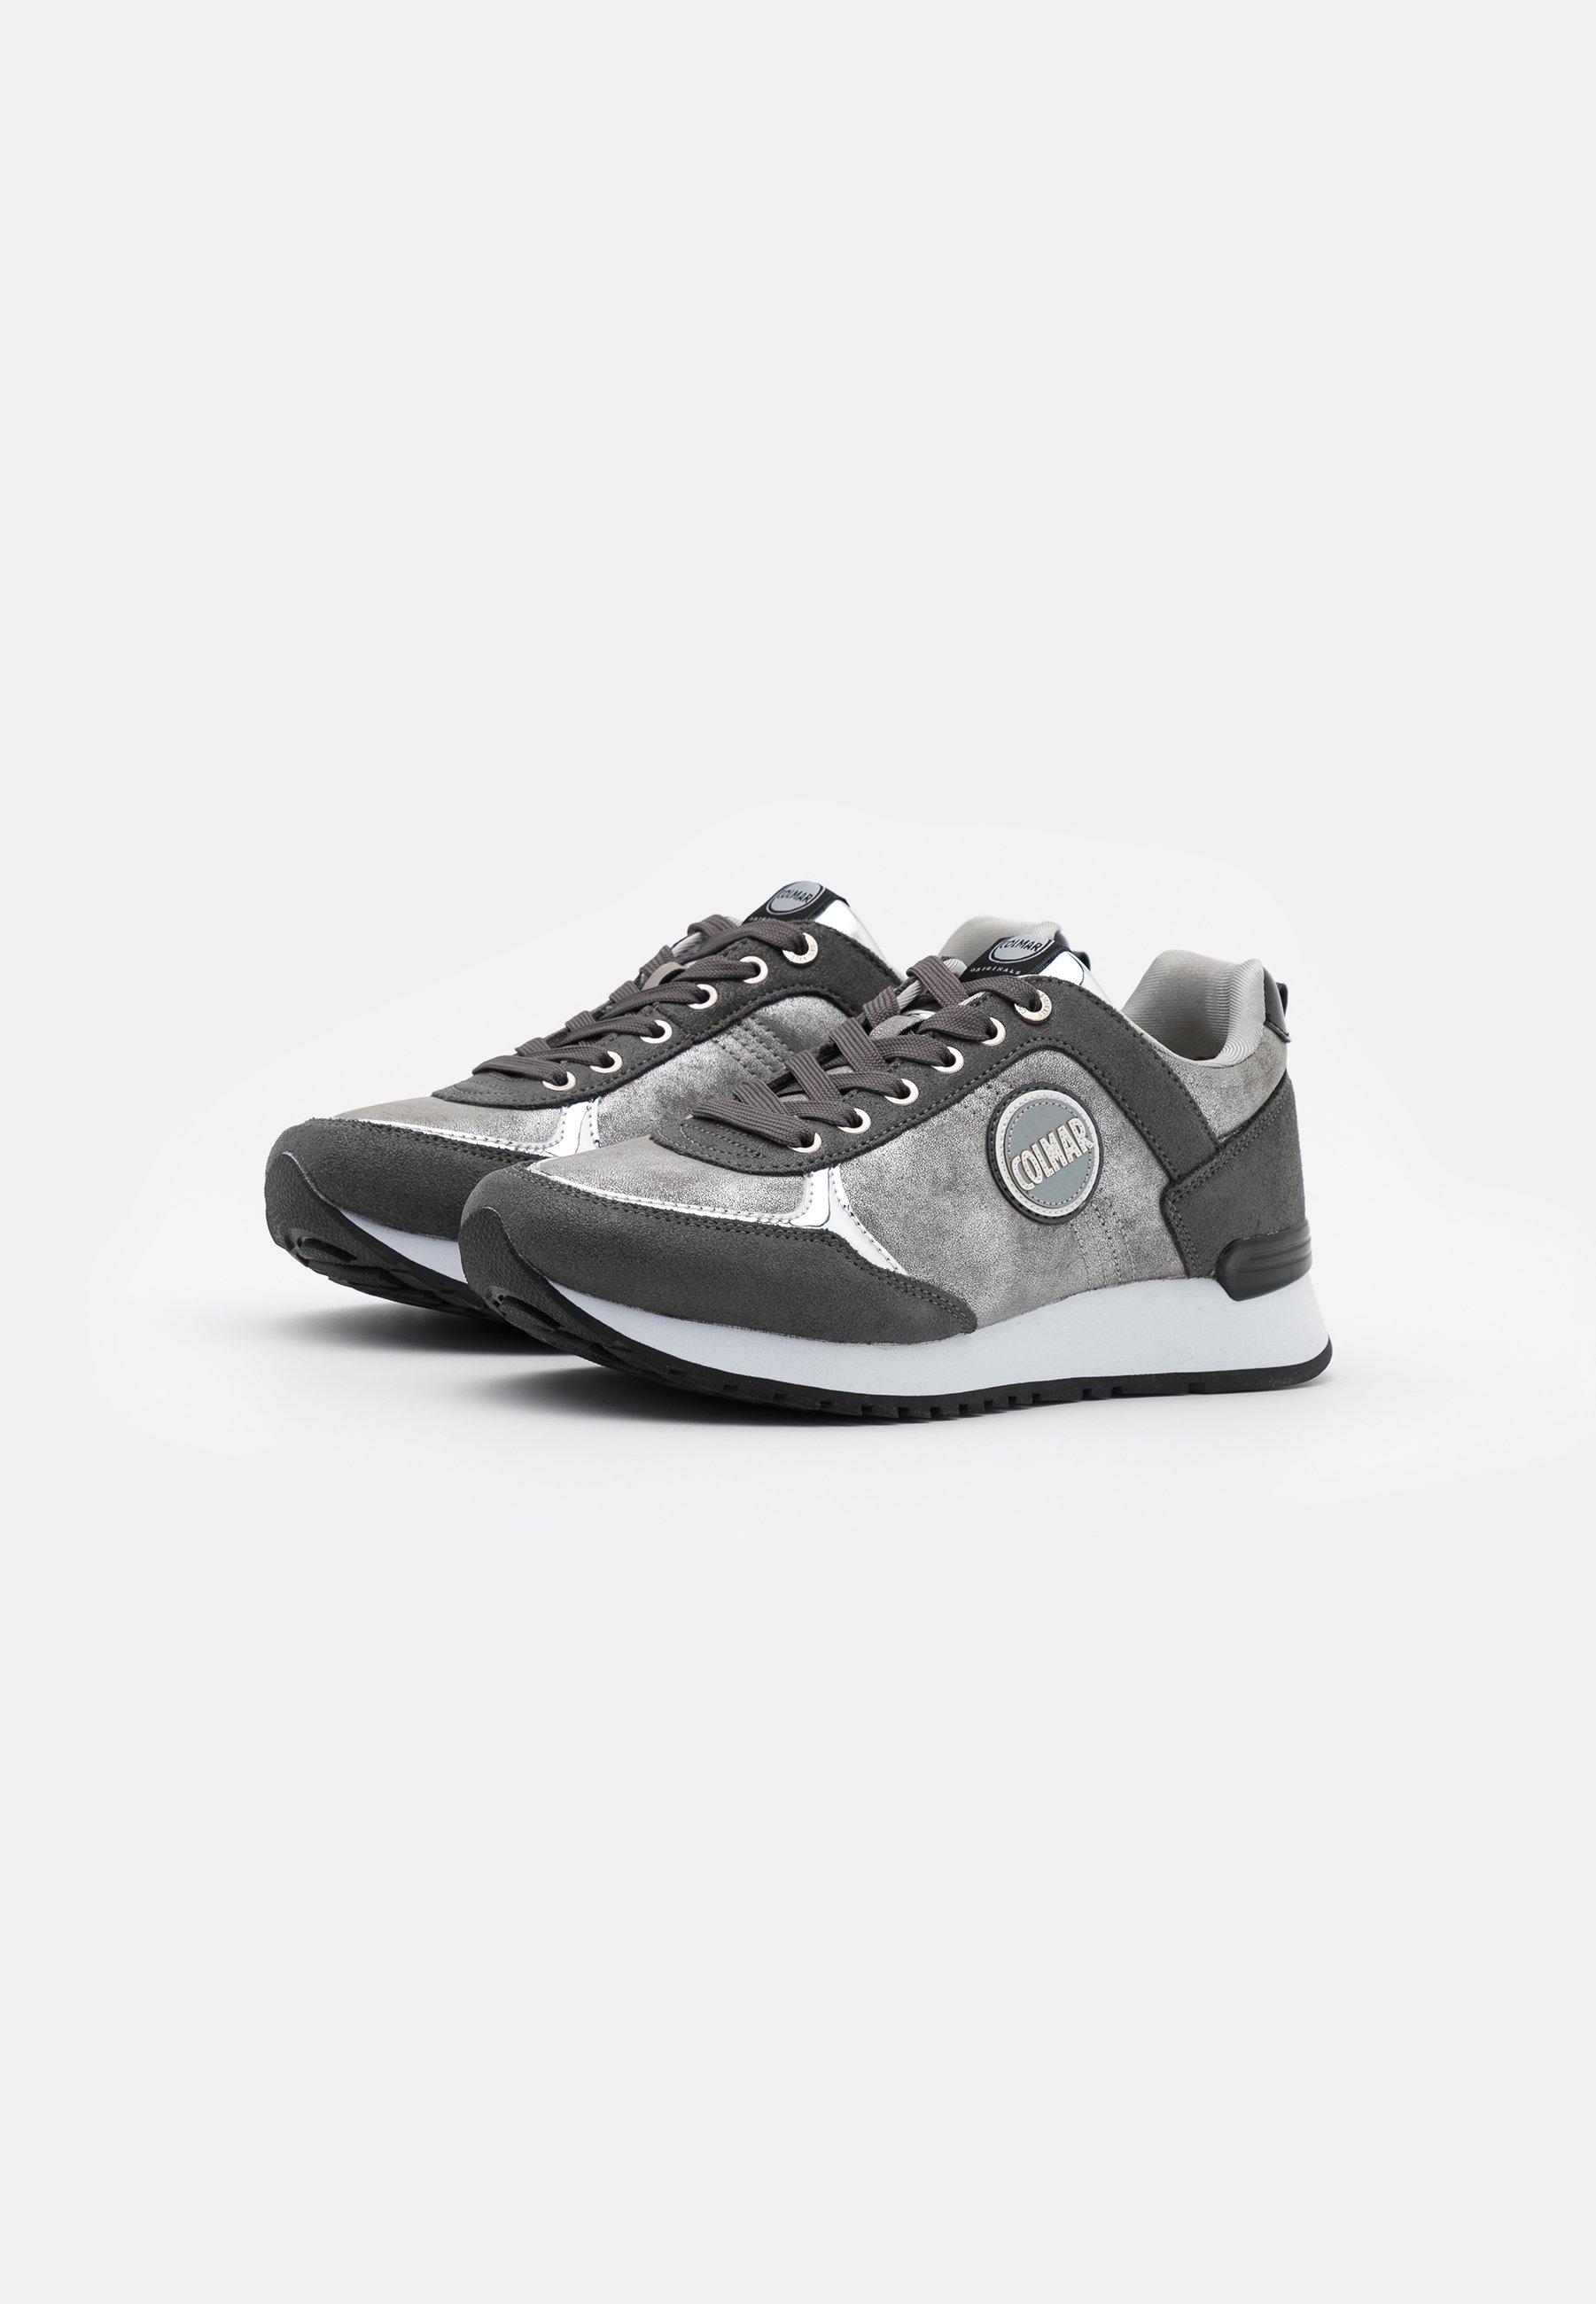 Colmar Originals Travis Punk - Sneakers Grey/silver